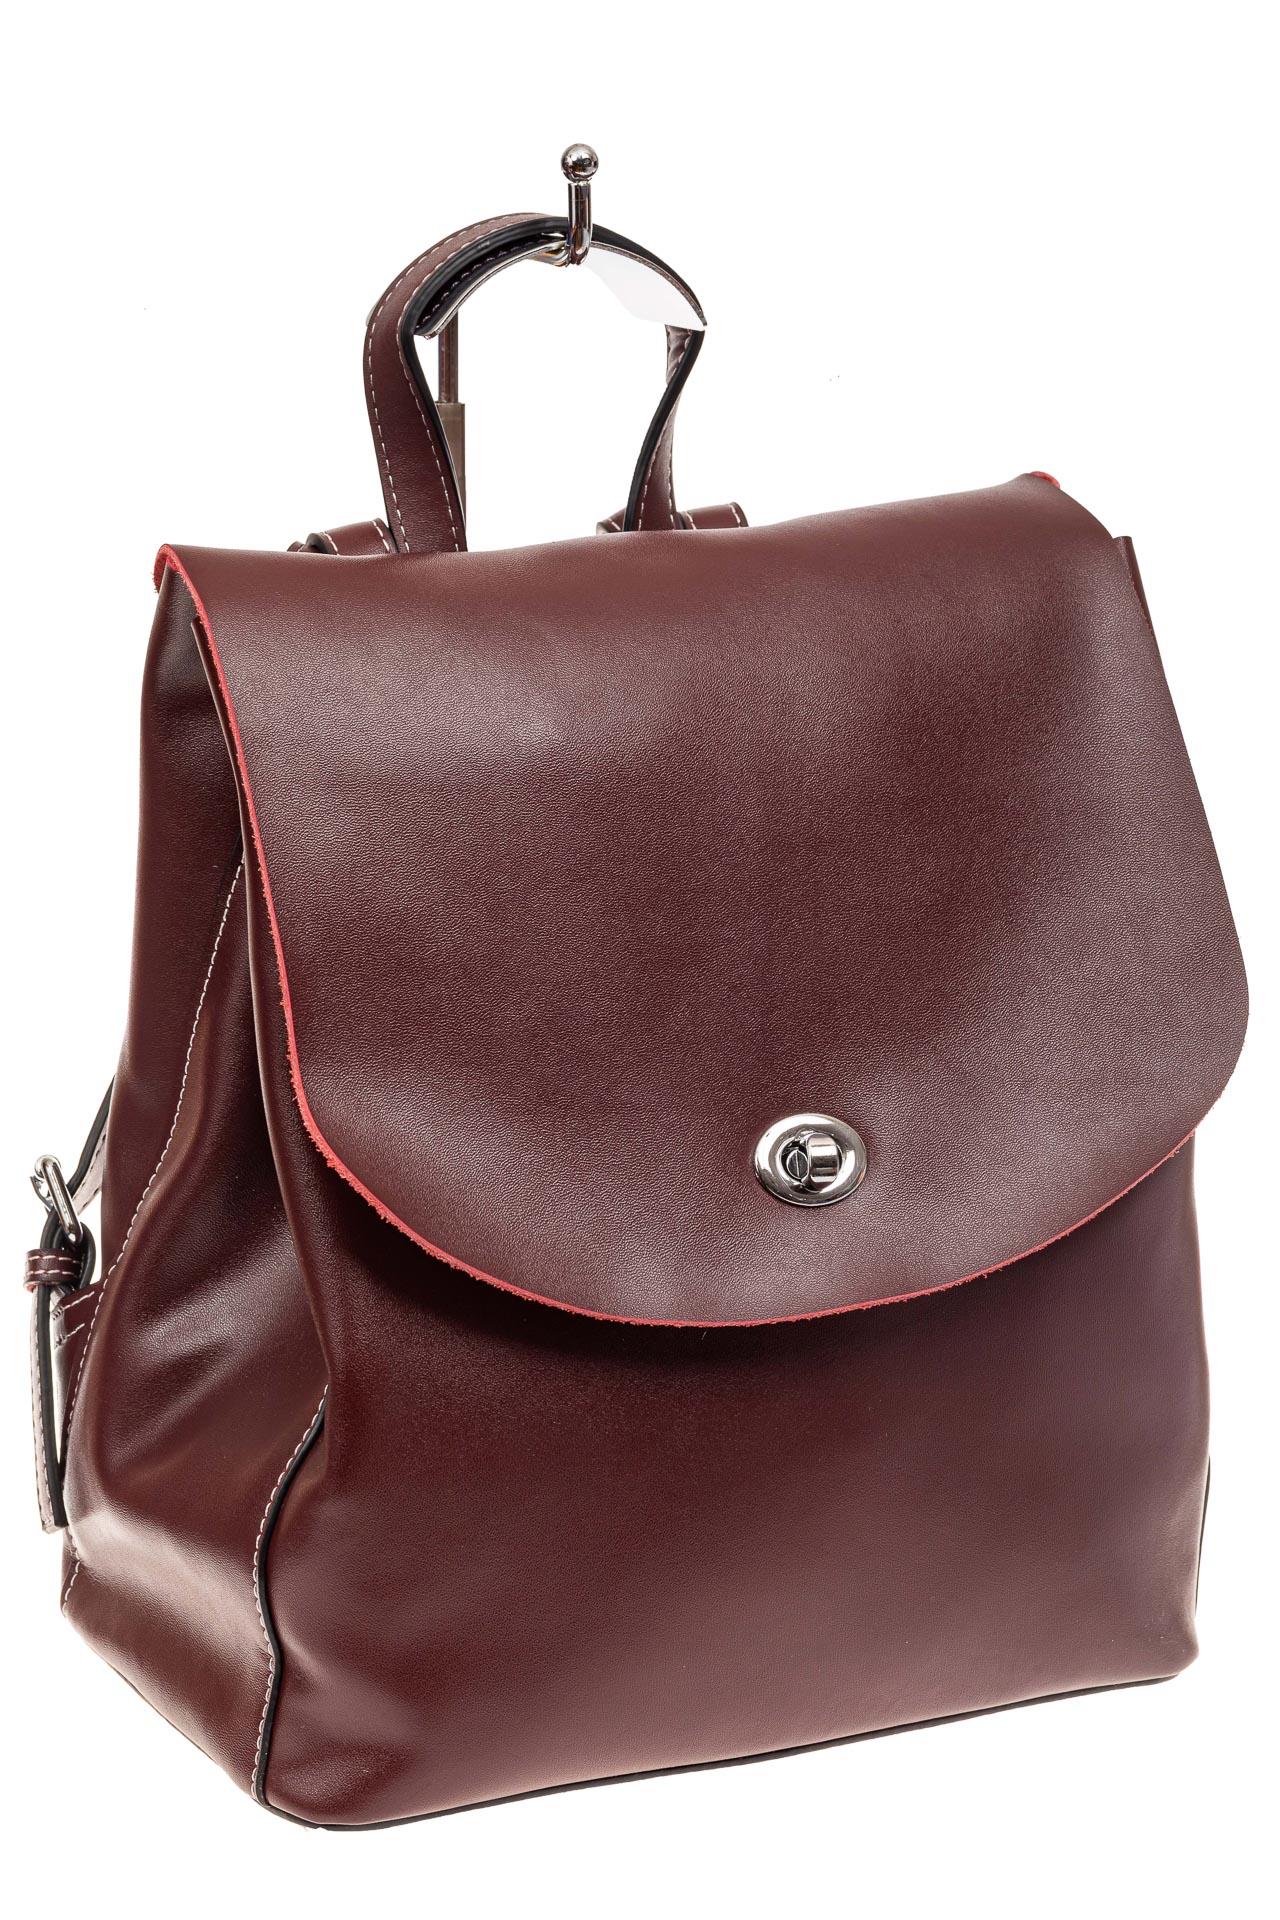 Классический женский рюкзак трансформер из натуральной кожи, цвет бордо55-9950RJ1219/4